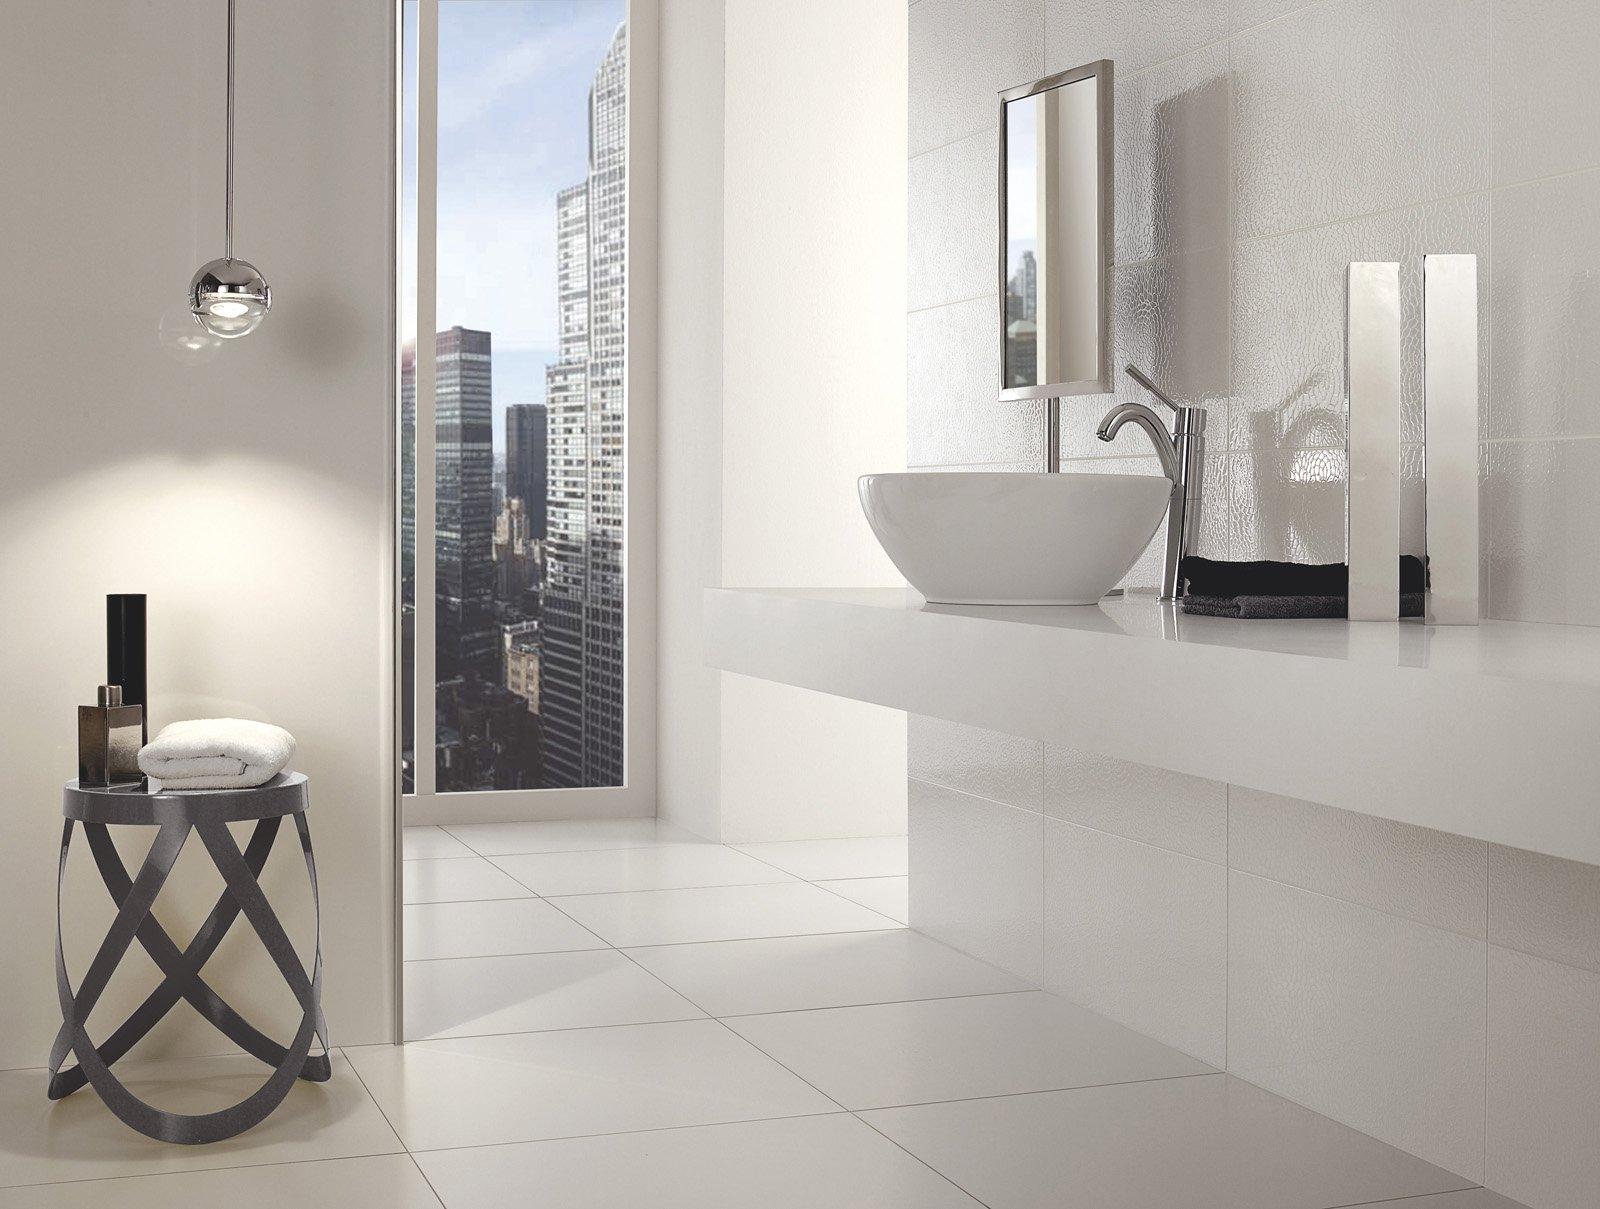 Arredamento Bagno Piccolo : Arredare bagno piccolo con lavatrice ...